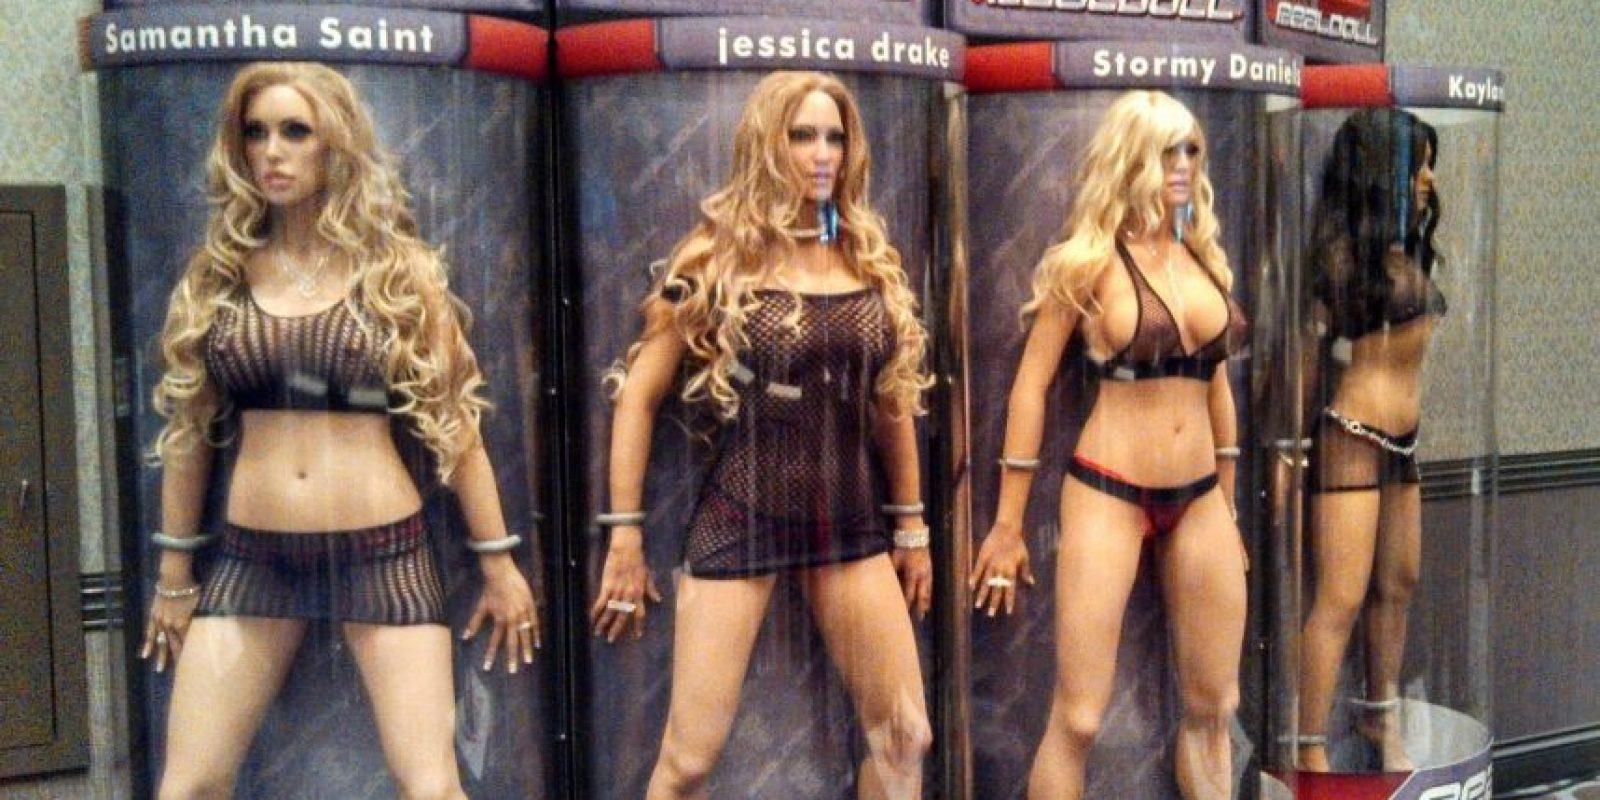 Se espera que en 2017 estén disponibles las muñecas de silicona robóticas Foto:Facebook.com/abysscreations/photos